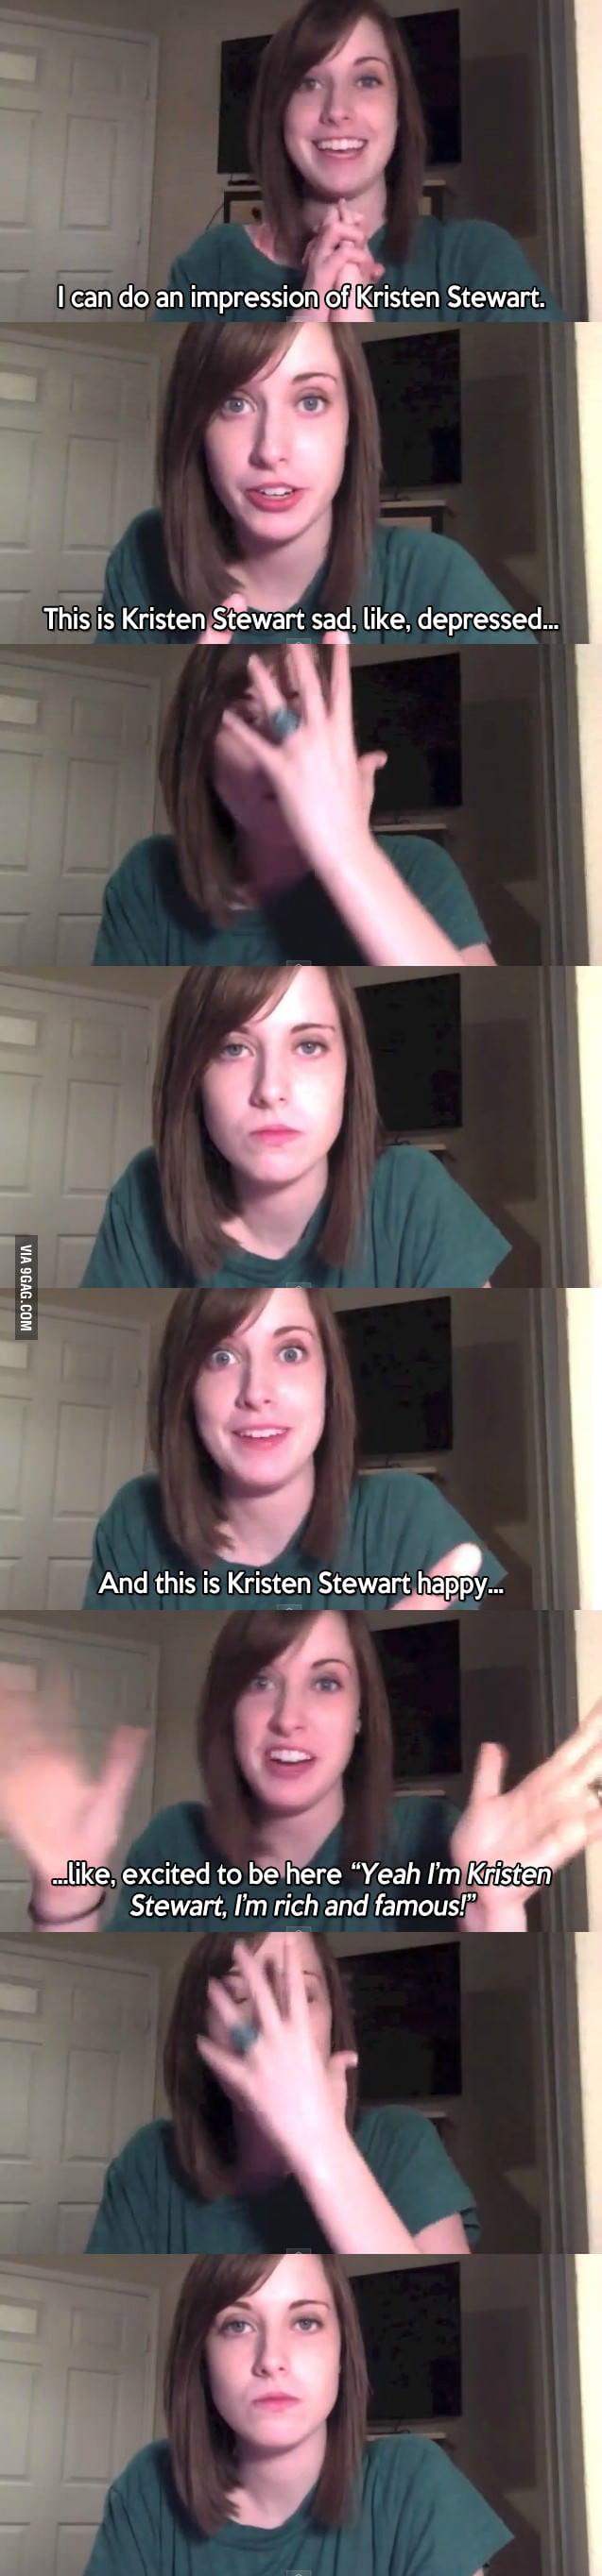 Overly Attached Girlfriend's impression of Kristen Stewart